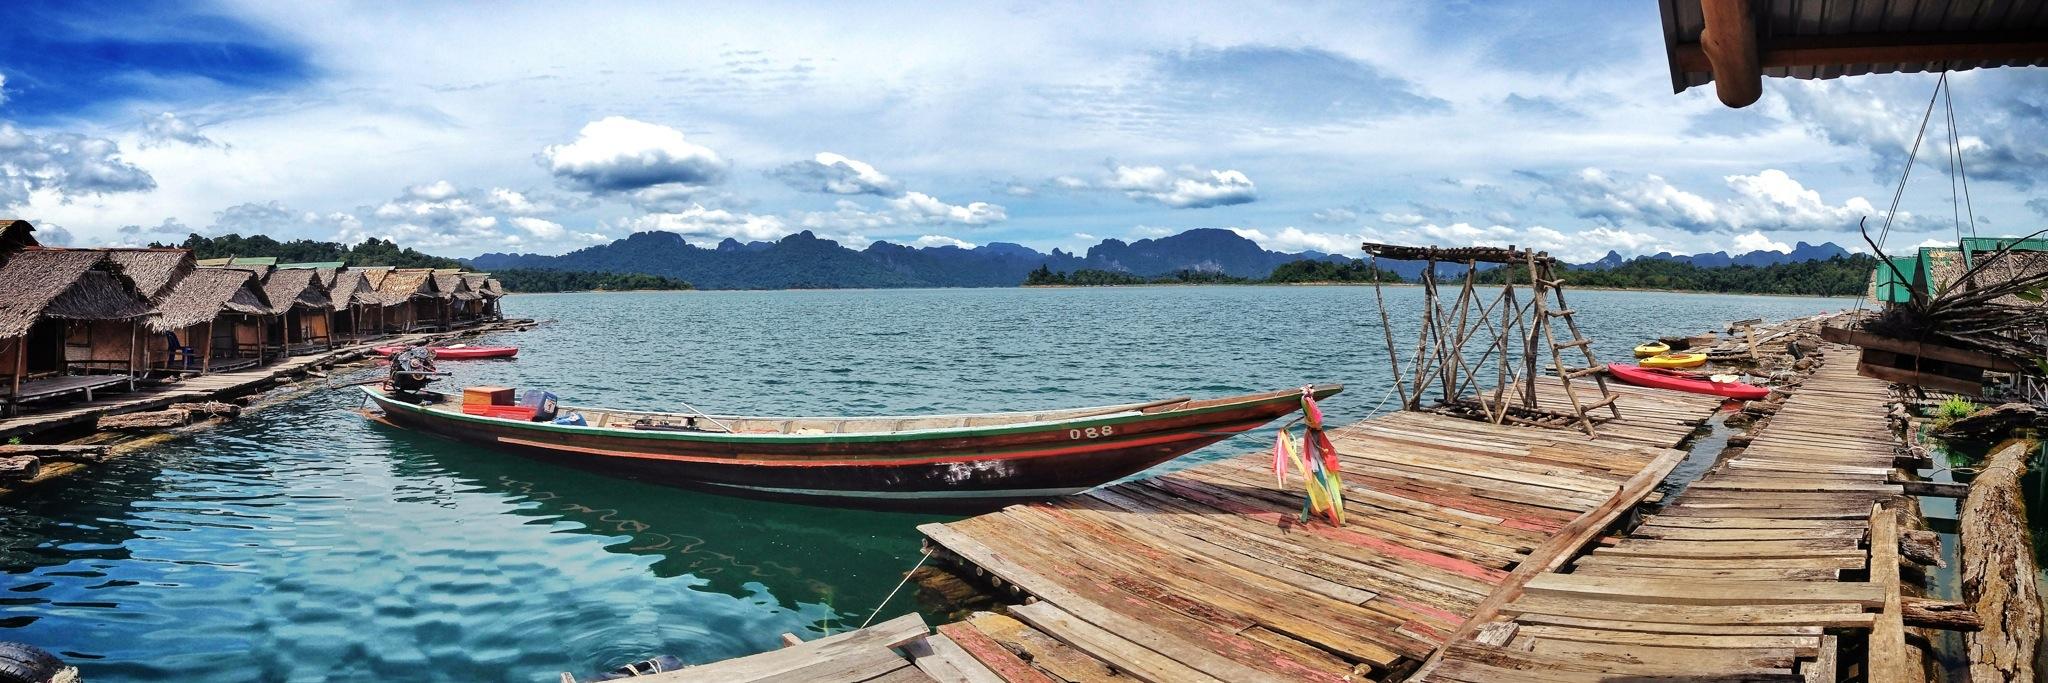 vacanze-a-pesca-in-asia